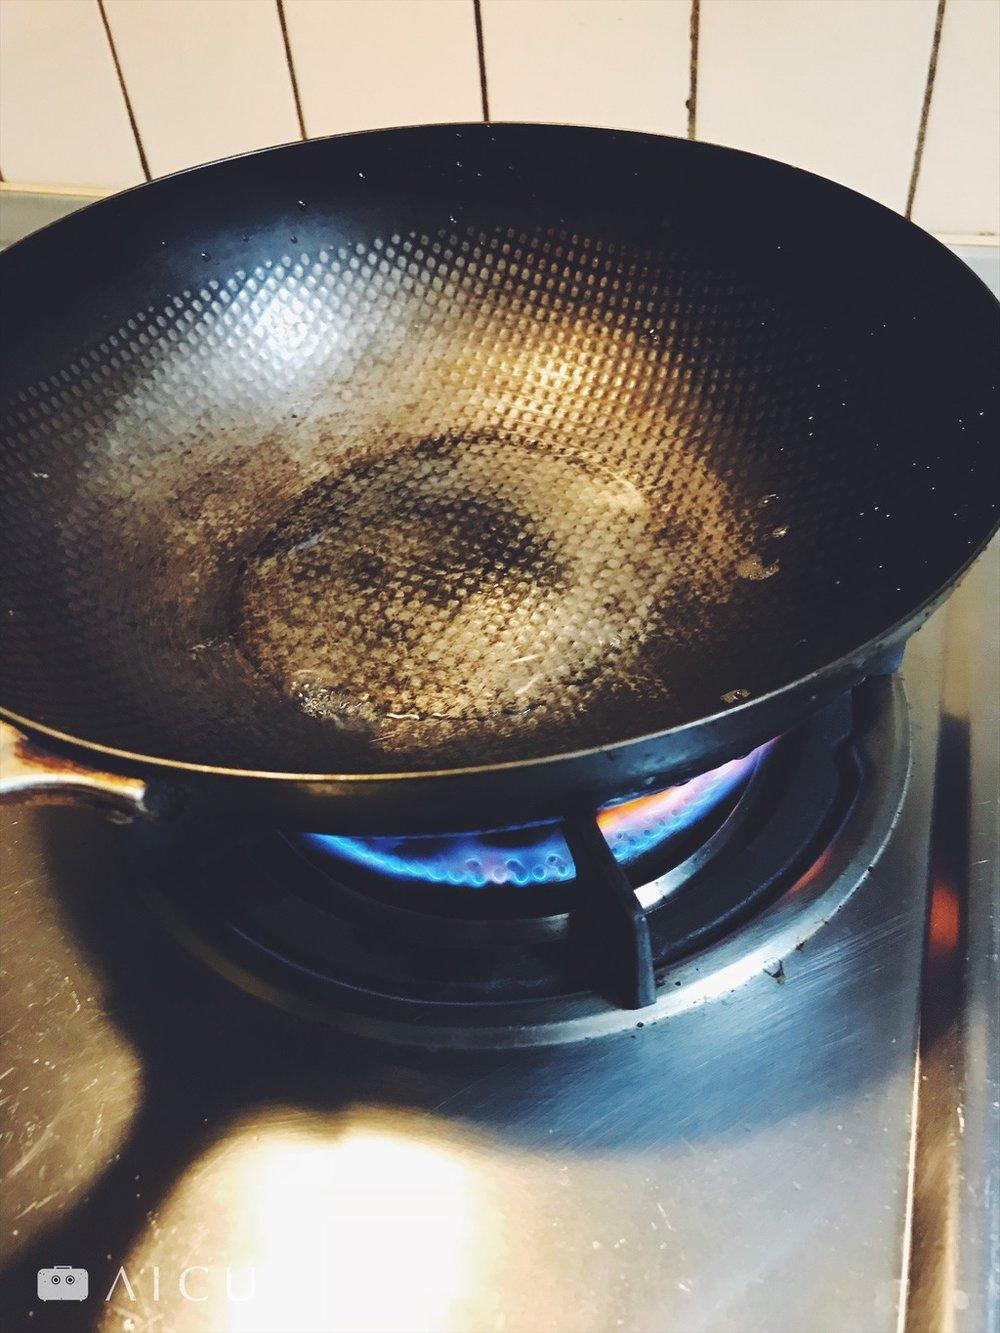 記得要烘乾 - 擦乾是不夠的,一定要重新烘乾。別擔心,開火10秒就足夠。